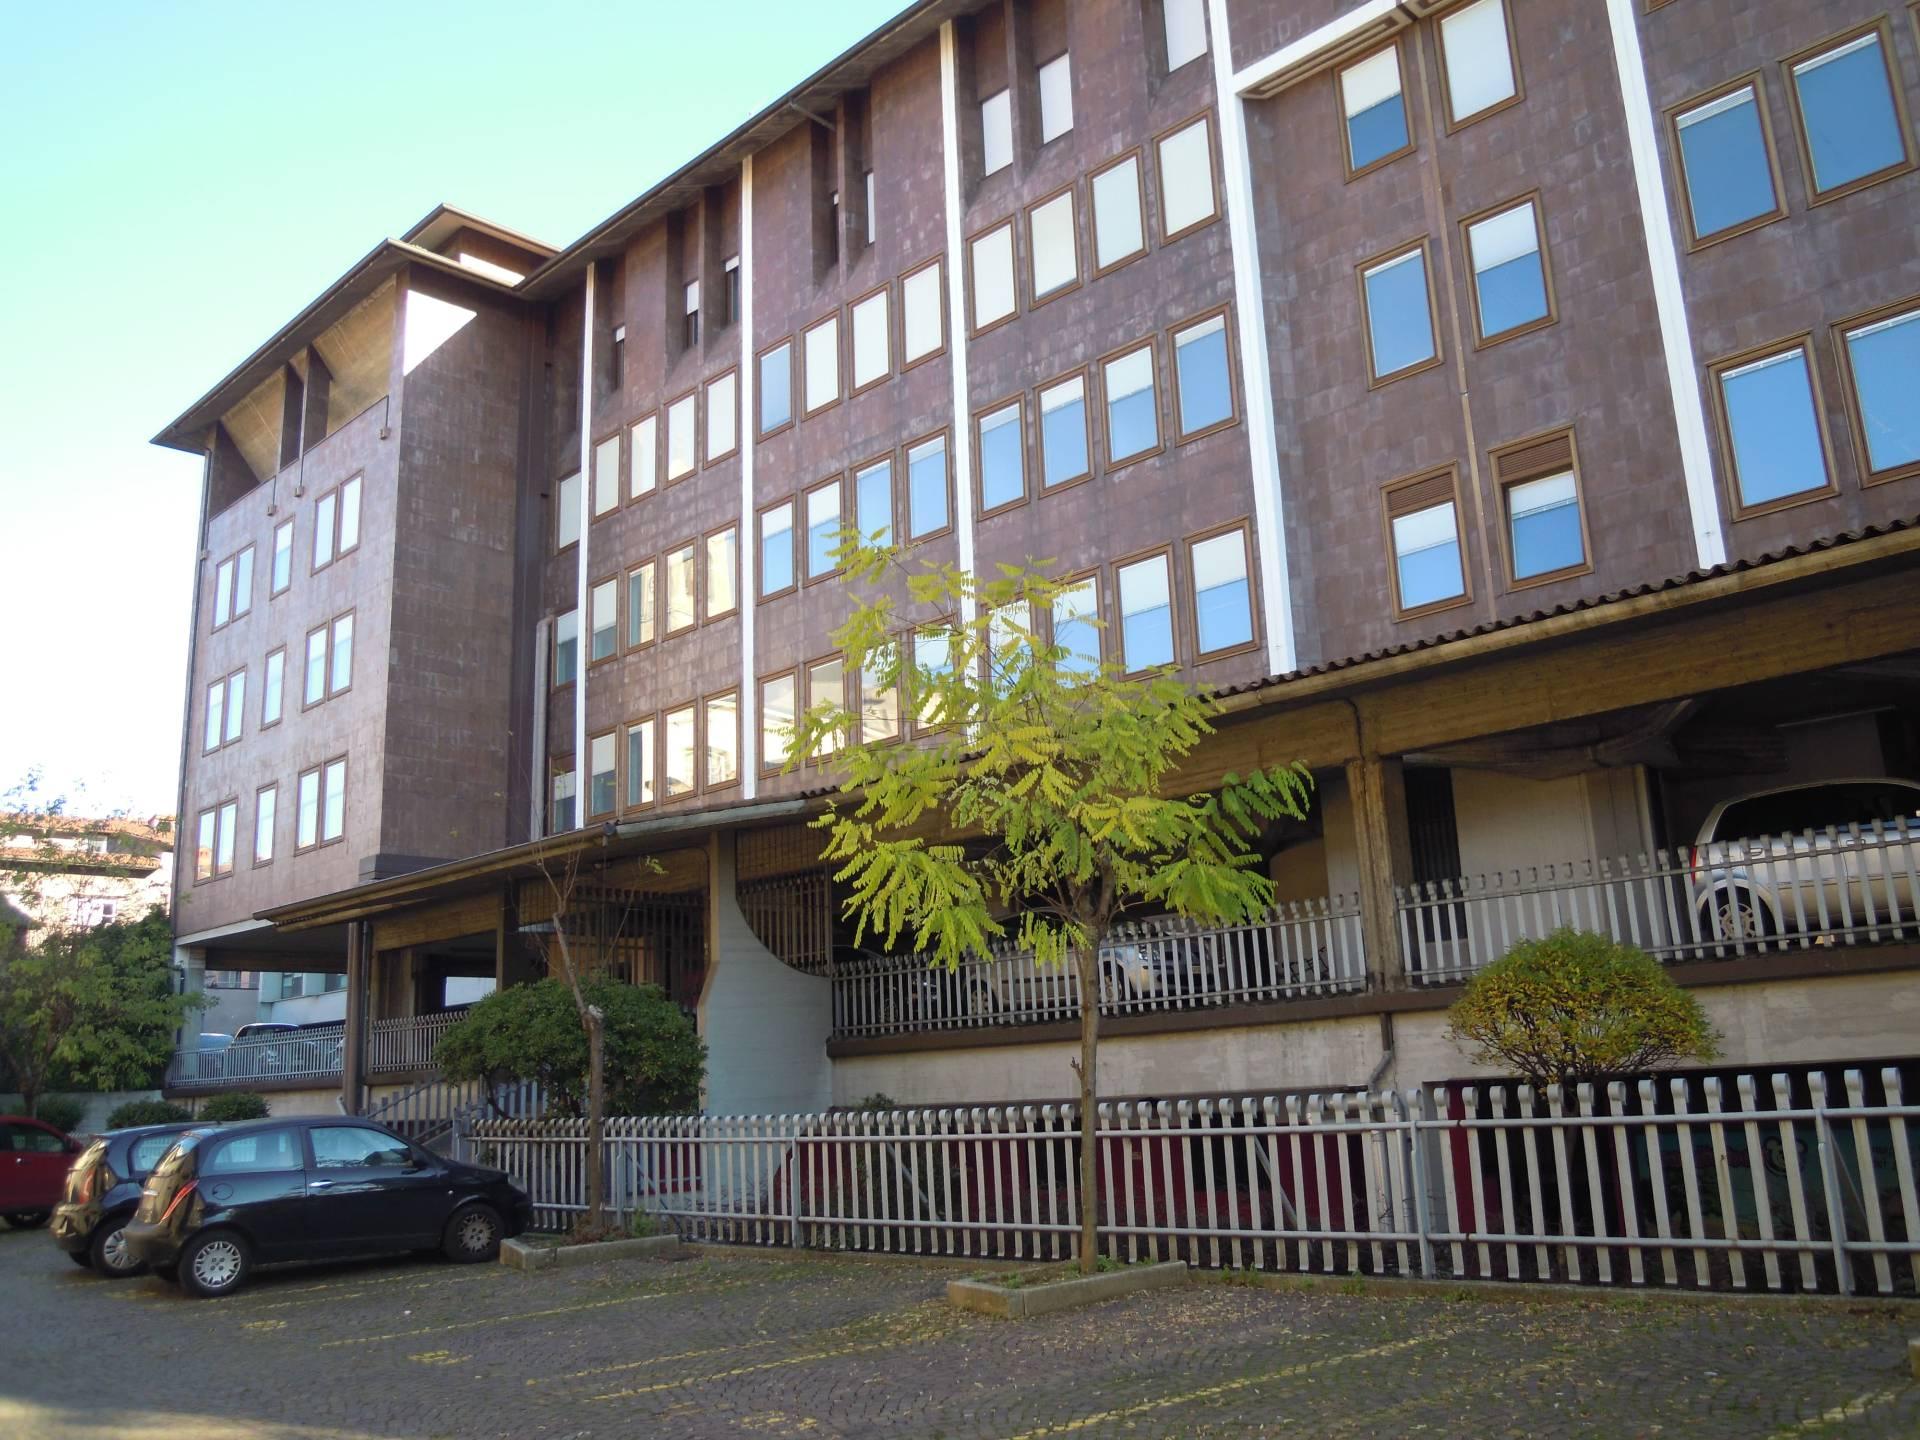 Ufficio in affitto a Bergamo (BG)